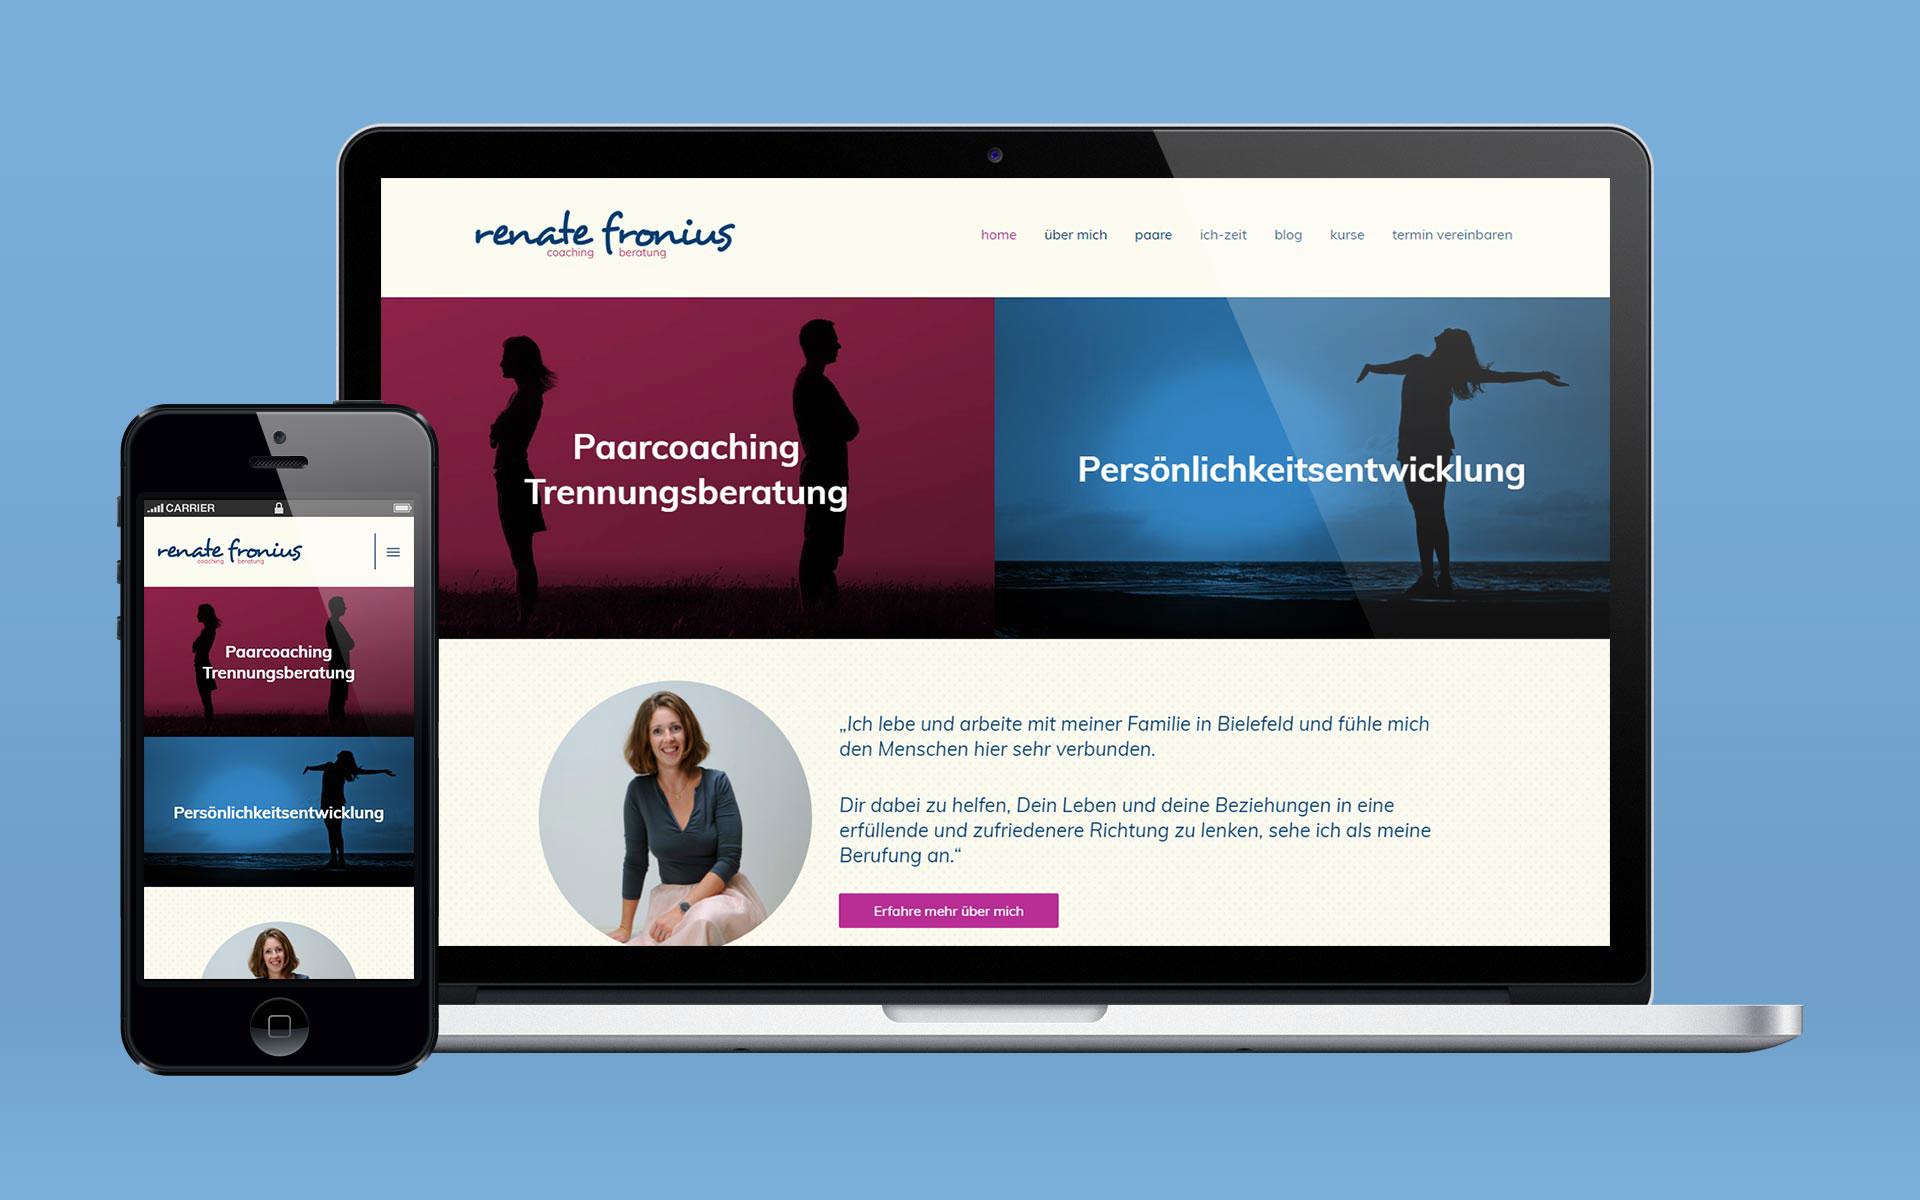 Website von Renate Fronius, dargestellt auf einem Macbook